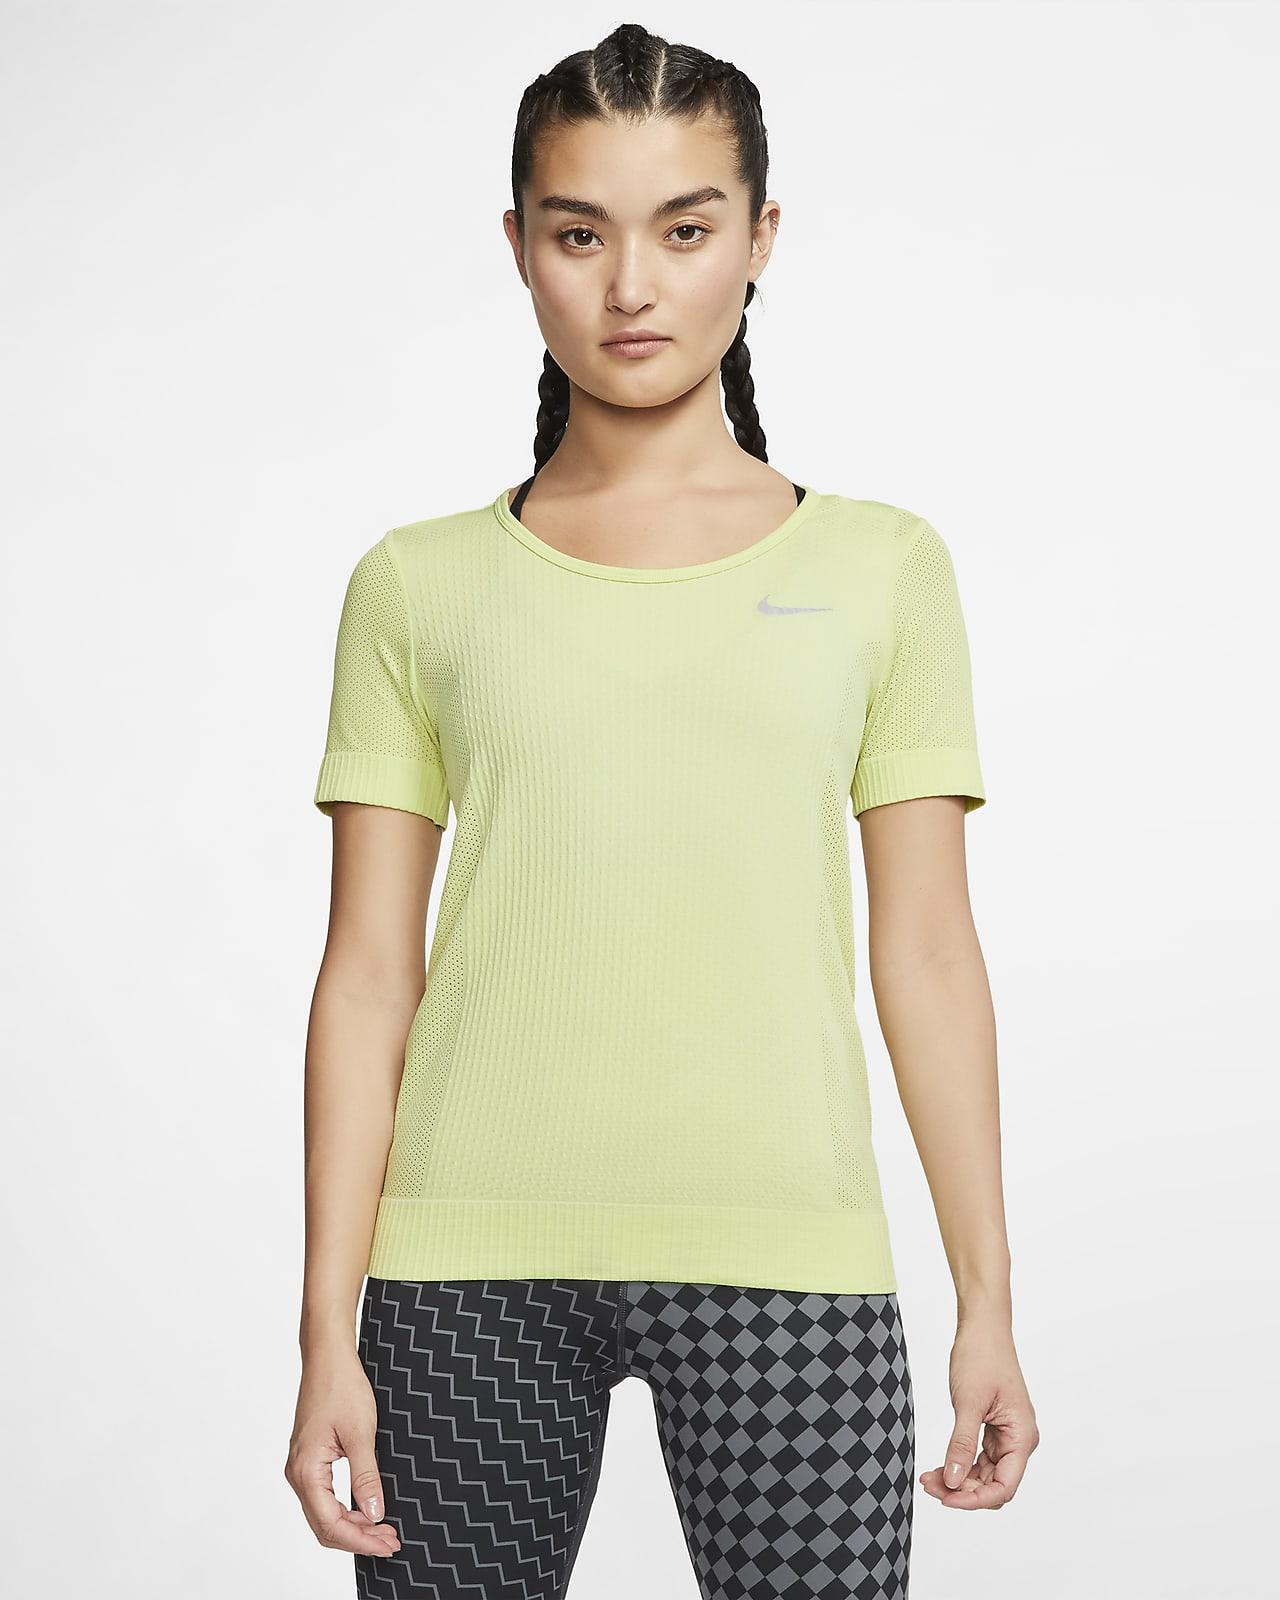 Nike Infinite rövid ujjú női futófelső